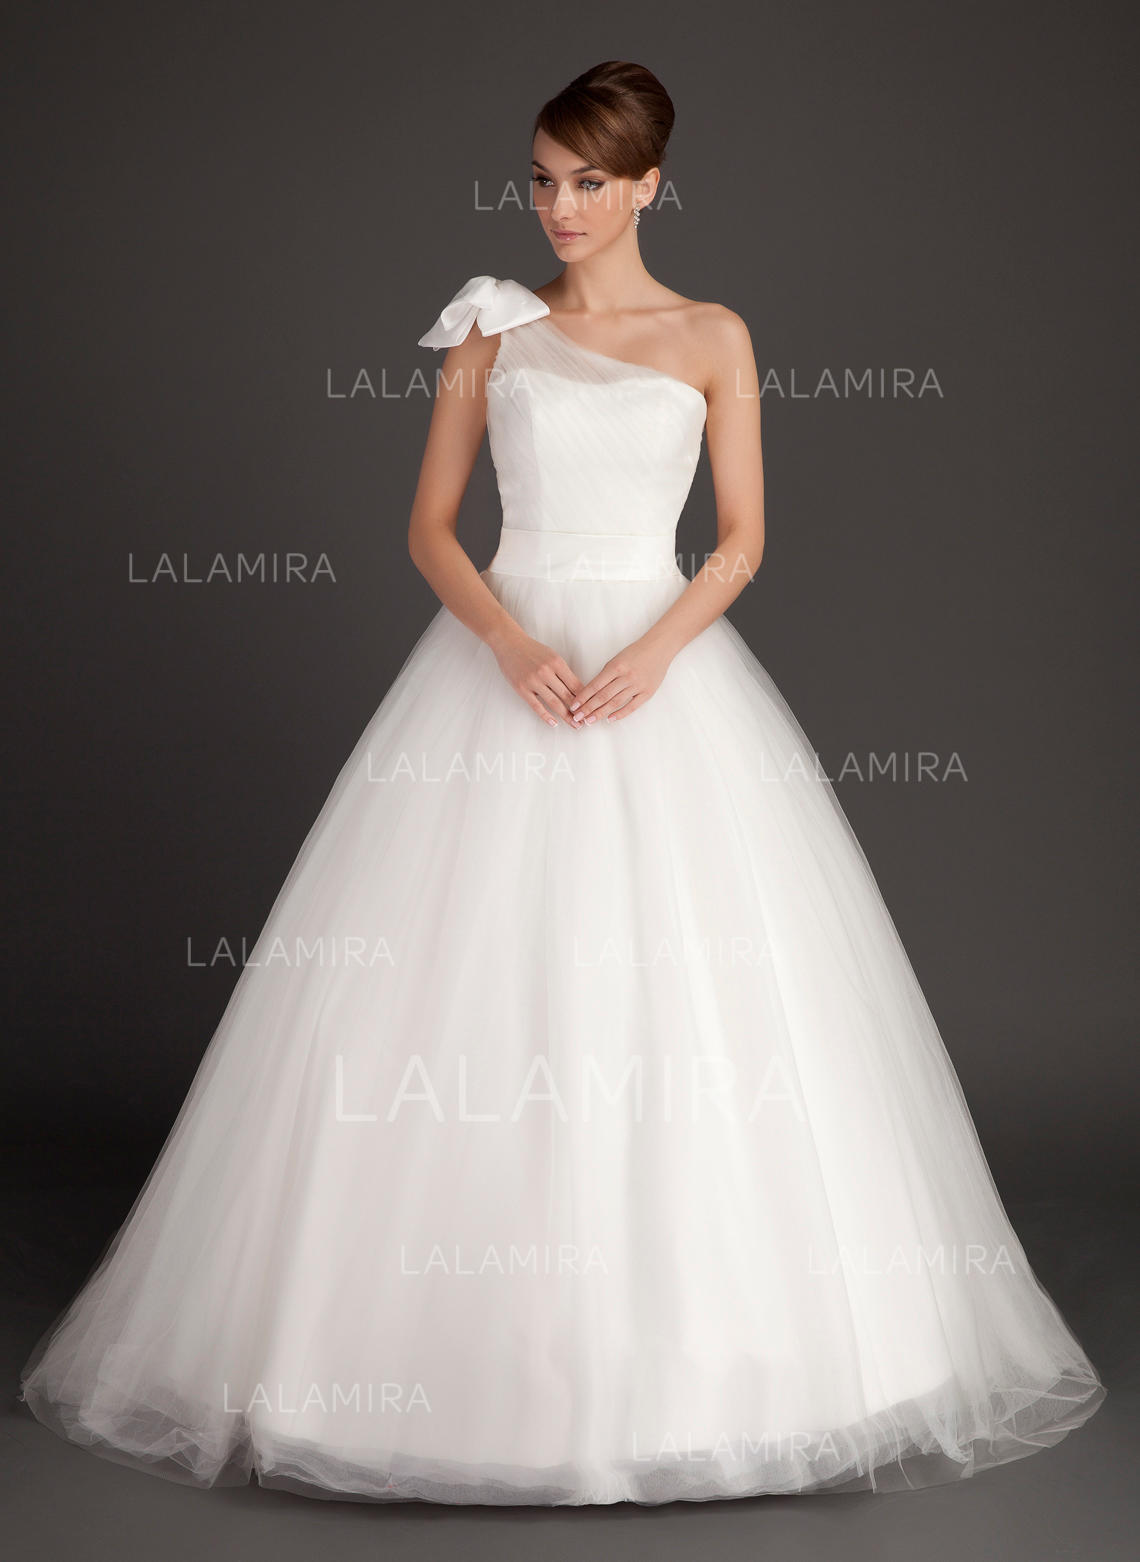 9fa58490c980 Halagador General Grande Un hombro Corte de baile Tul Vestidos de novia  (002196893). Loading zoom. Cargando